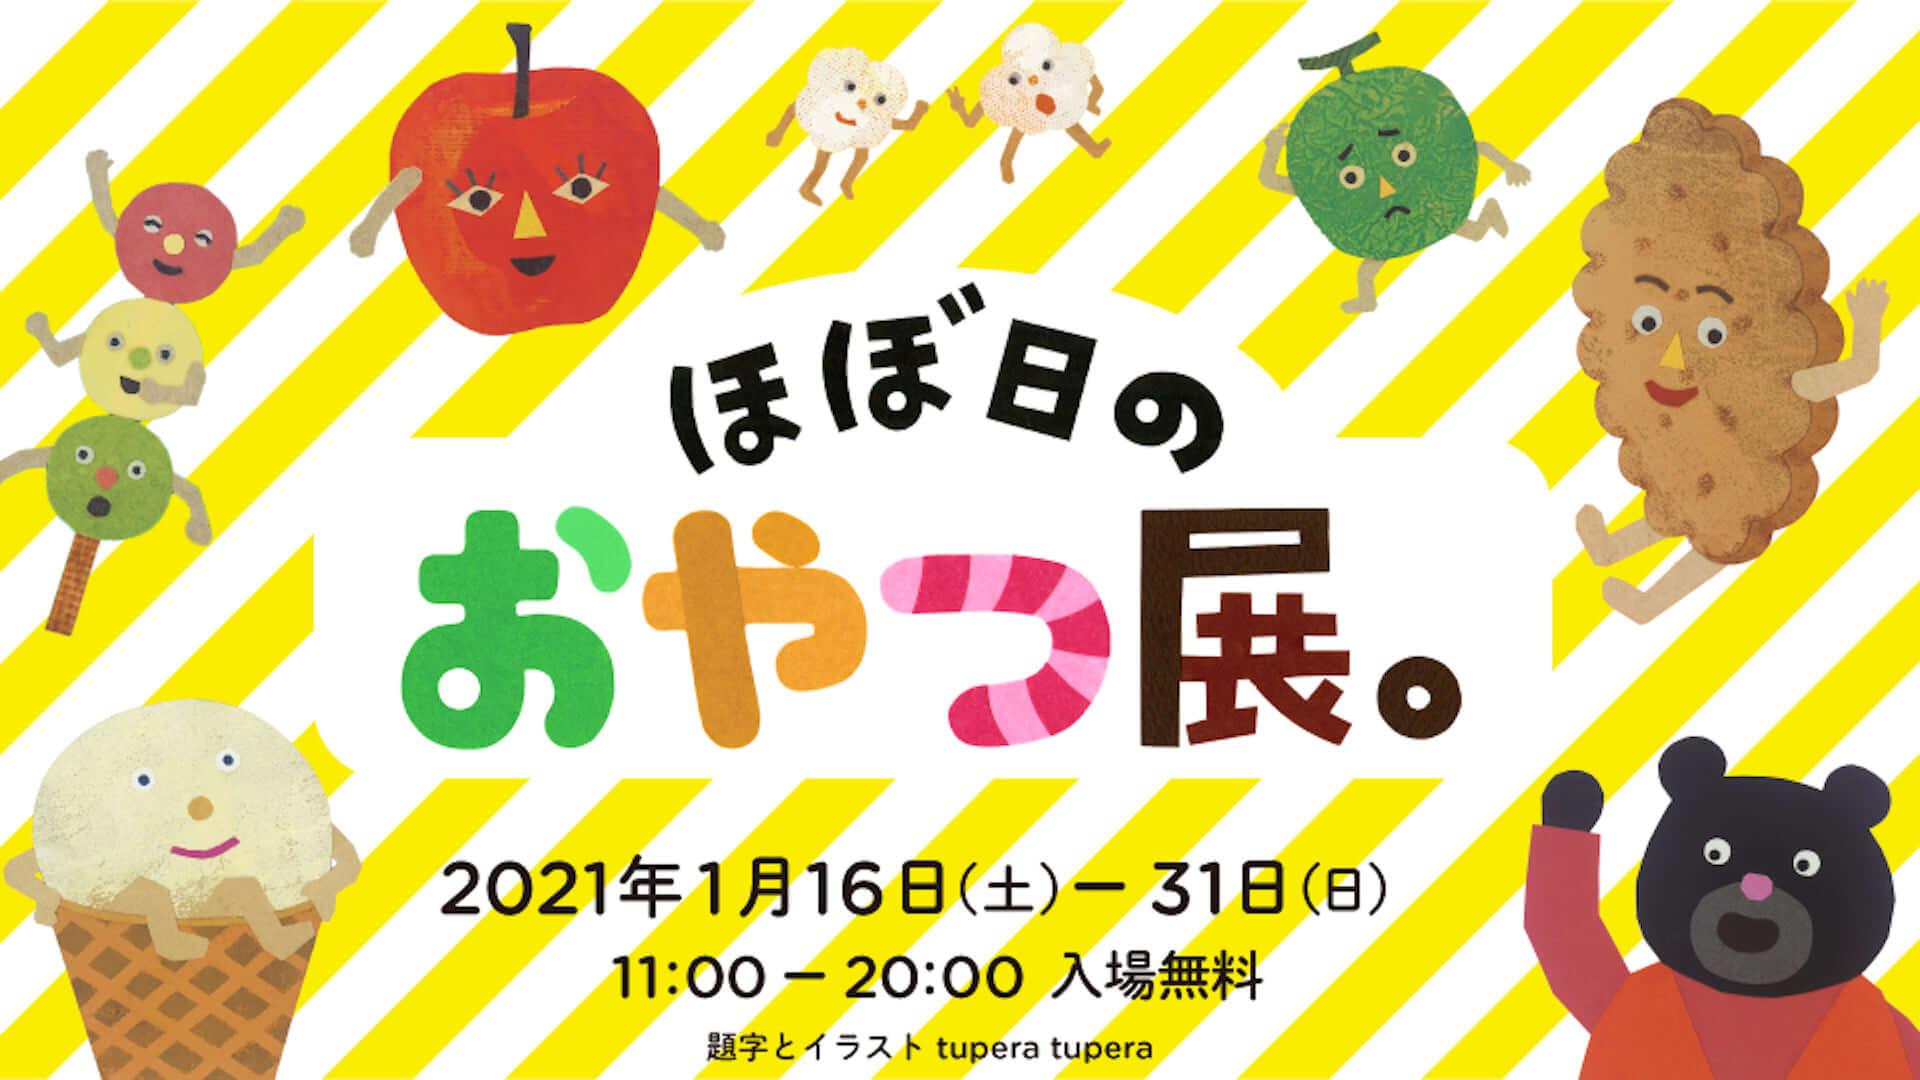 ほぼ日が初のフレッシュジュース『畑deしぼり』を発売決定!渋谷PARCOにて開催中の<ほぼ日のおやつ展。>でも先行販売 gourmet210118_hobonichiyobi_1-1920x1080